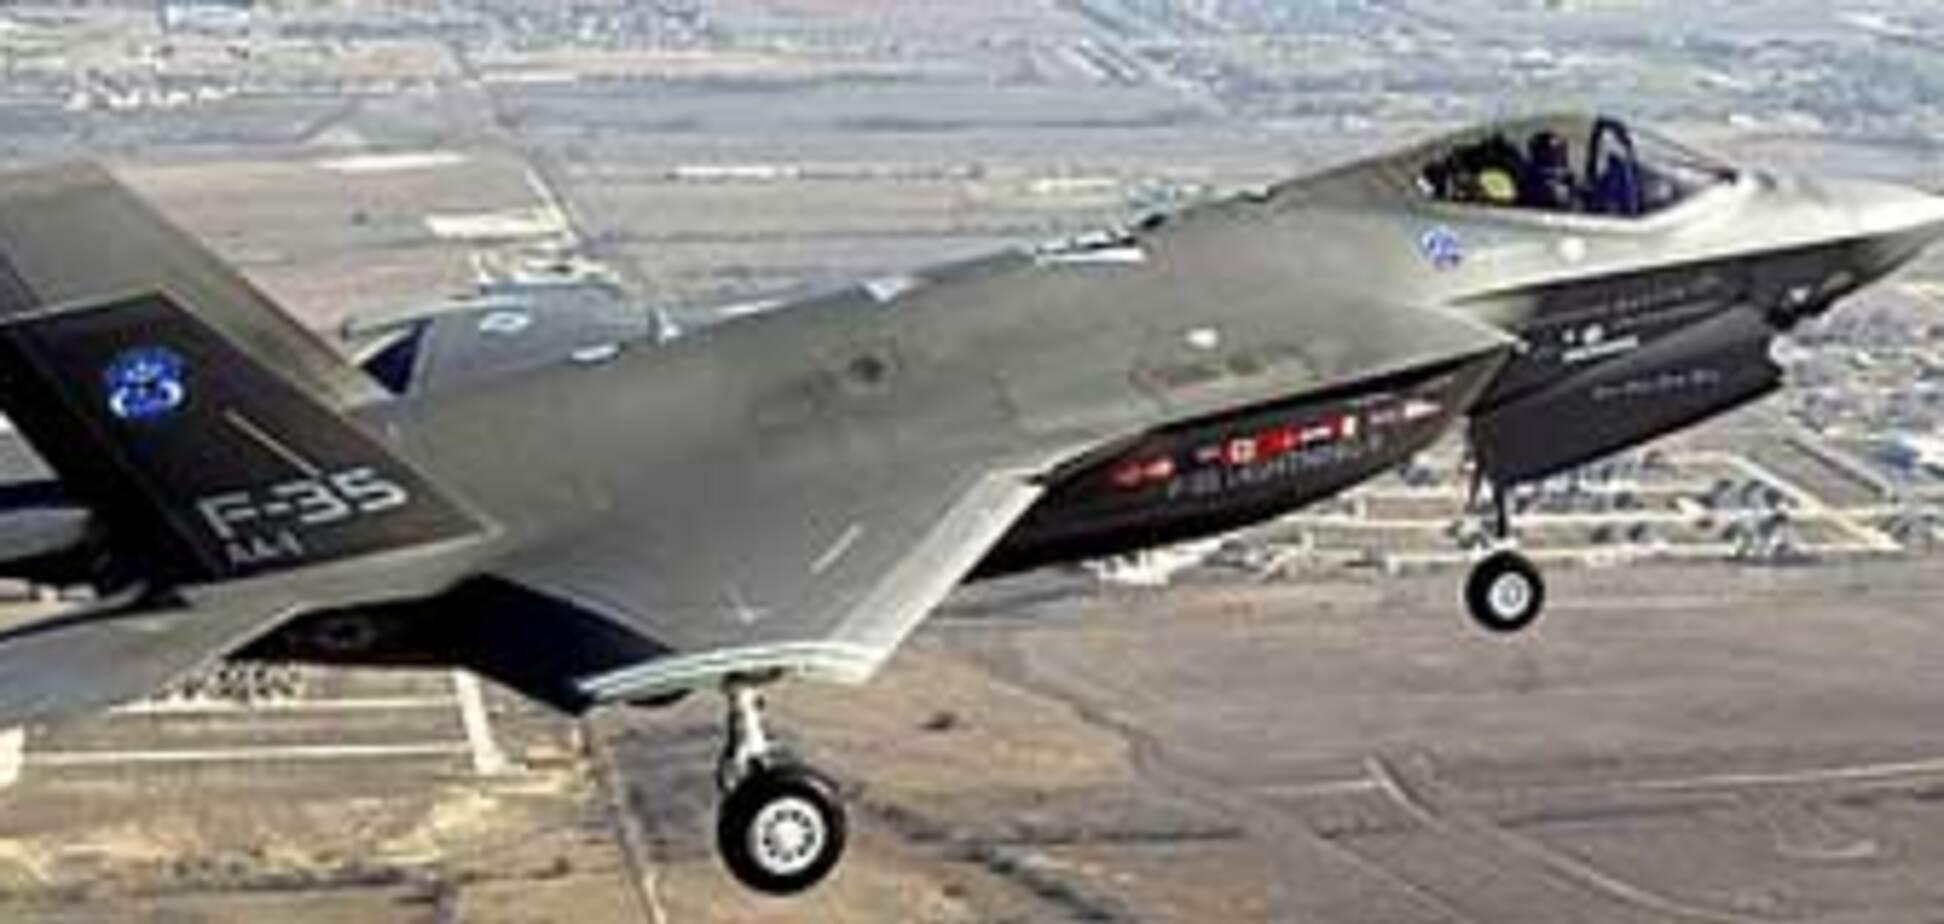 Винищувач ВПС Пакистану розбився на сході країни